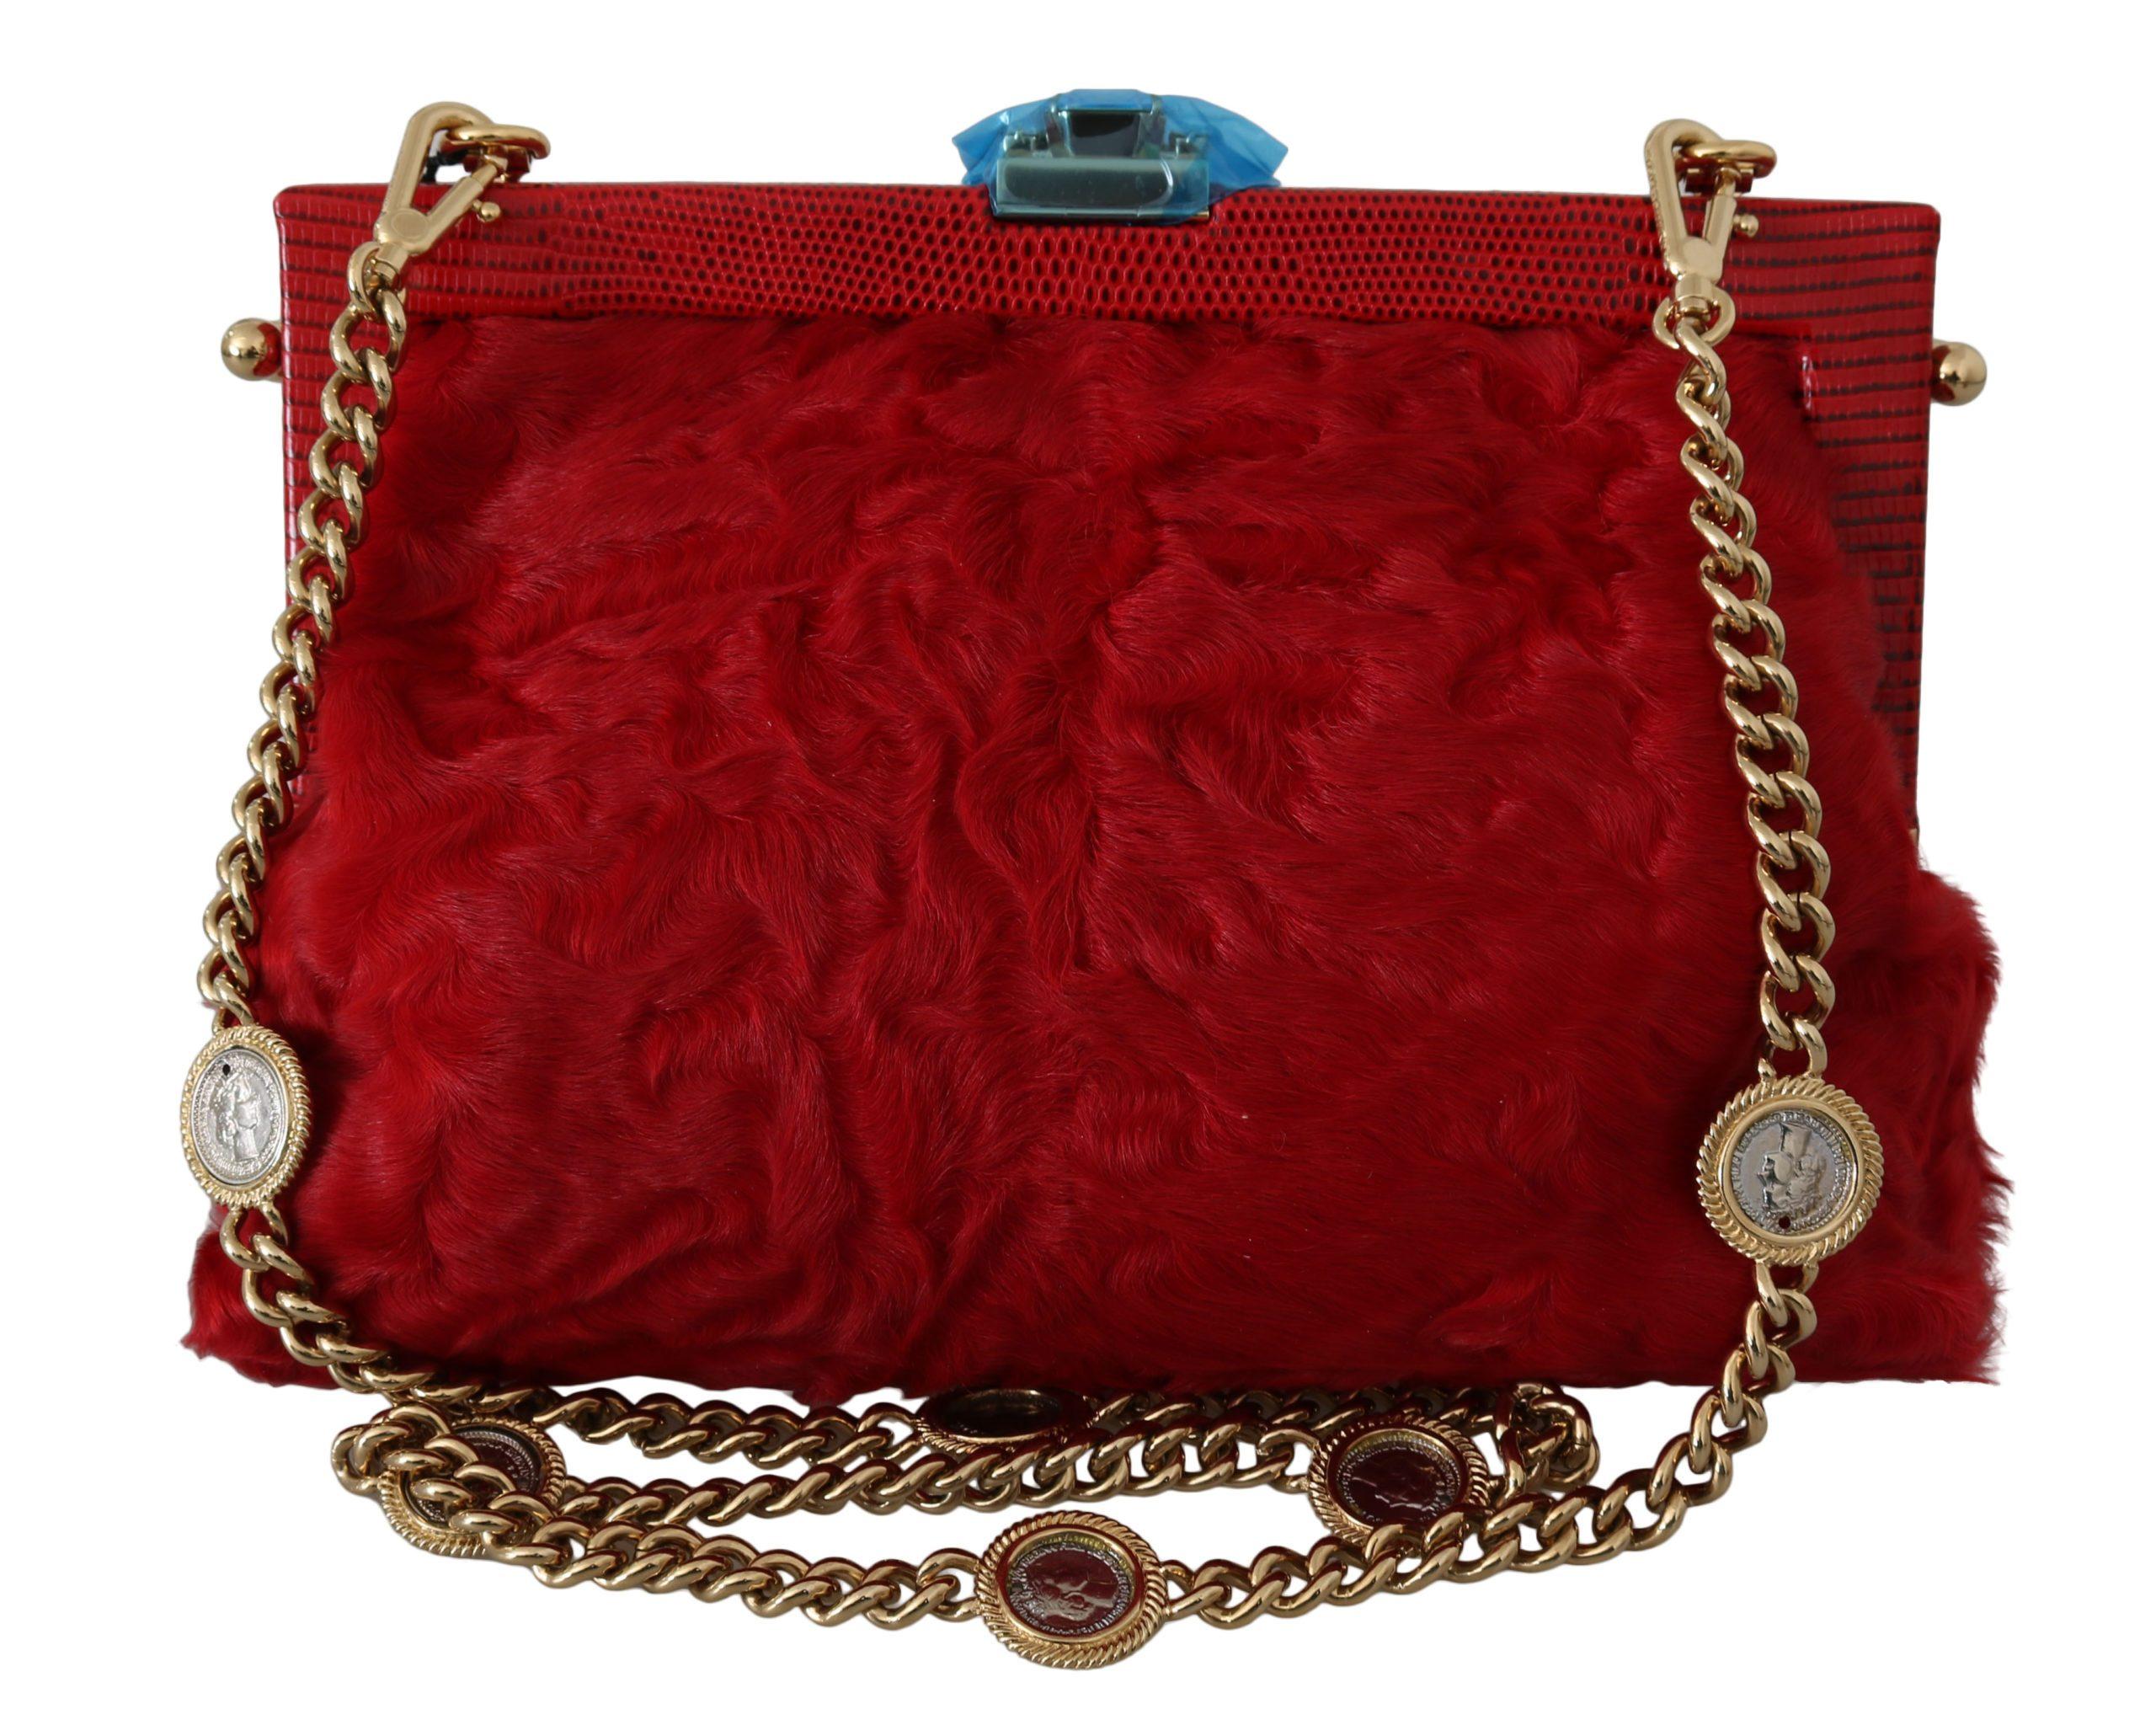 Dolce & Gabbana Women's Fur Brocade Crystal Shoulder Bag Red VAS8669